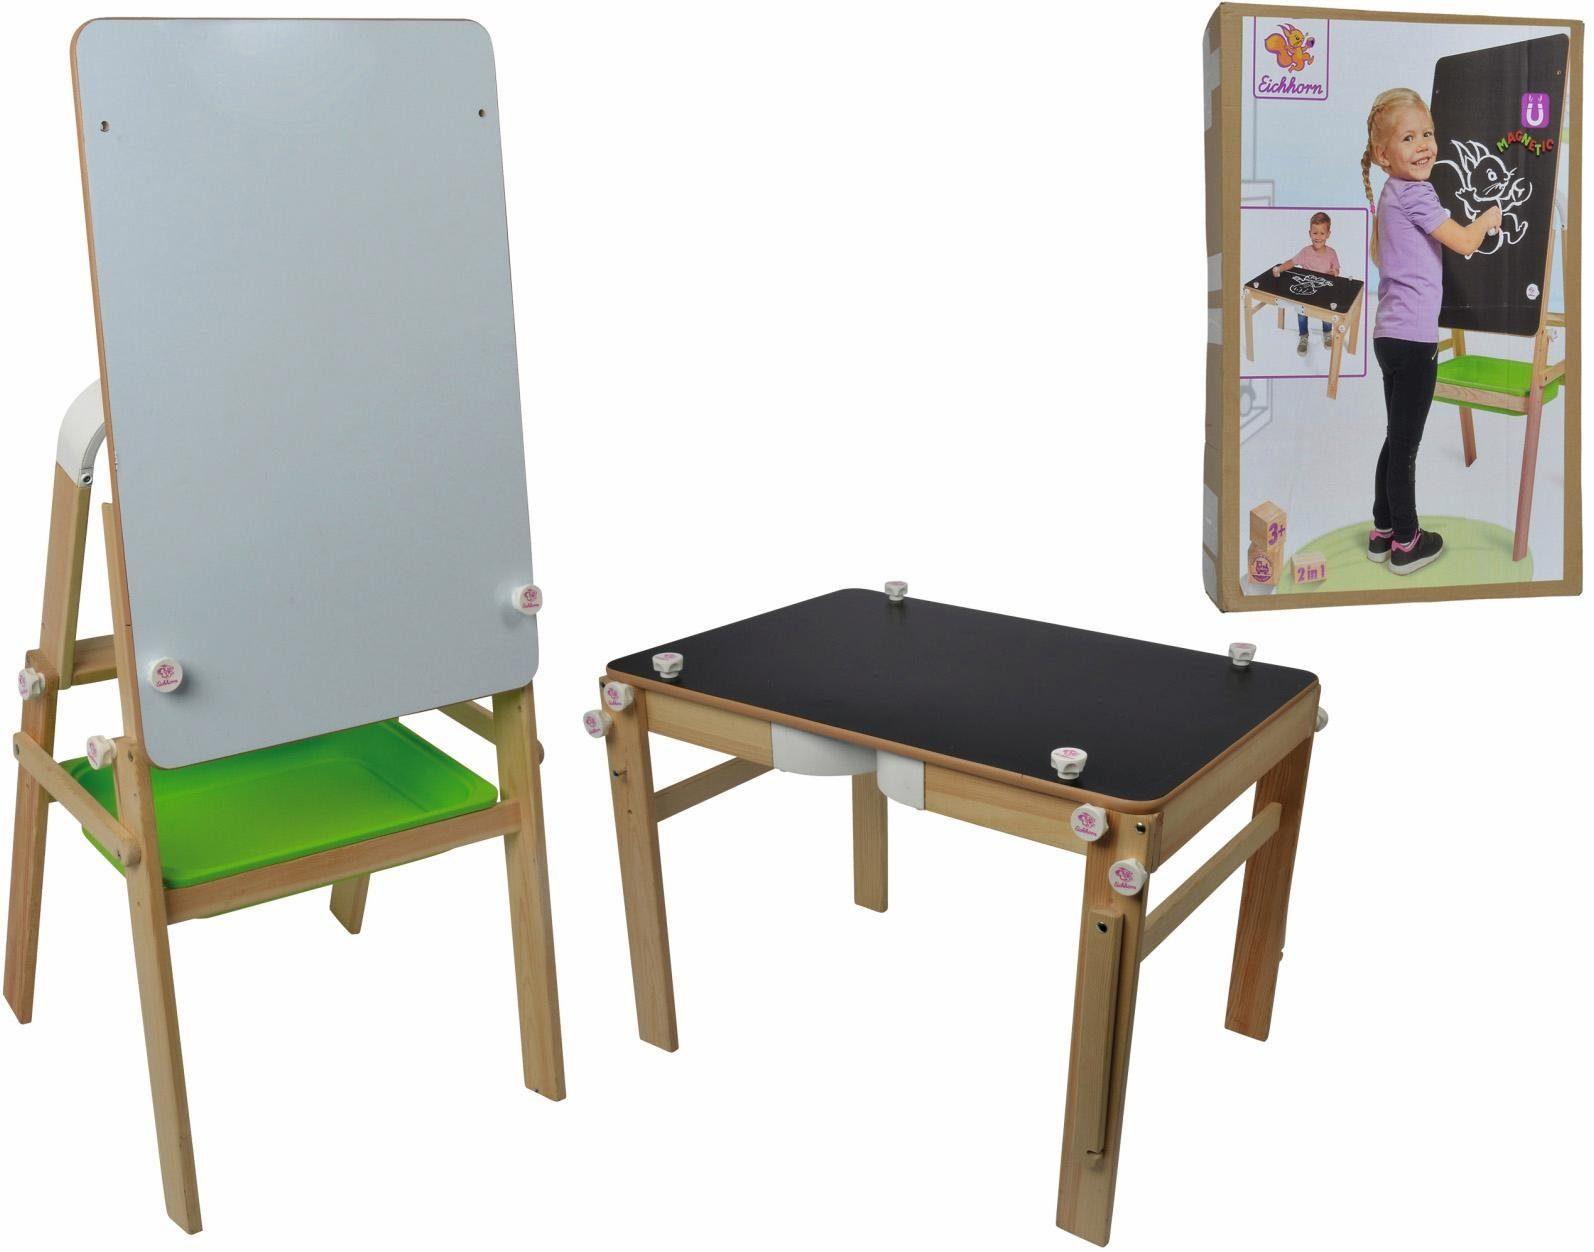 Eichhorn Kindertisch, »2 in 1 Maltafel und Schreibtisch«